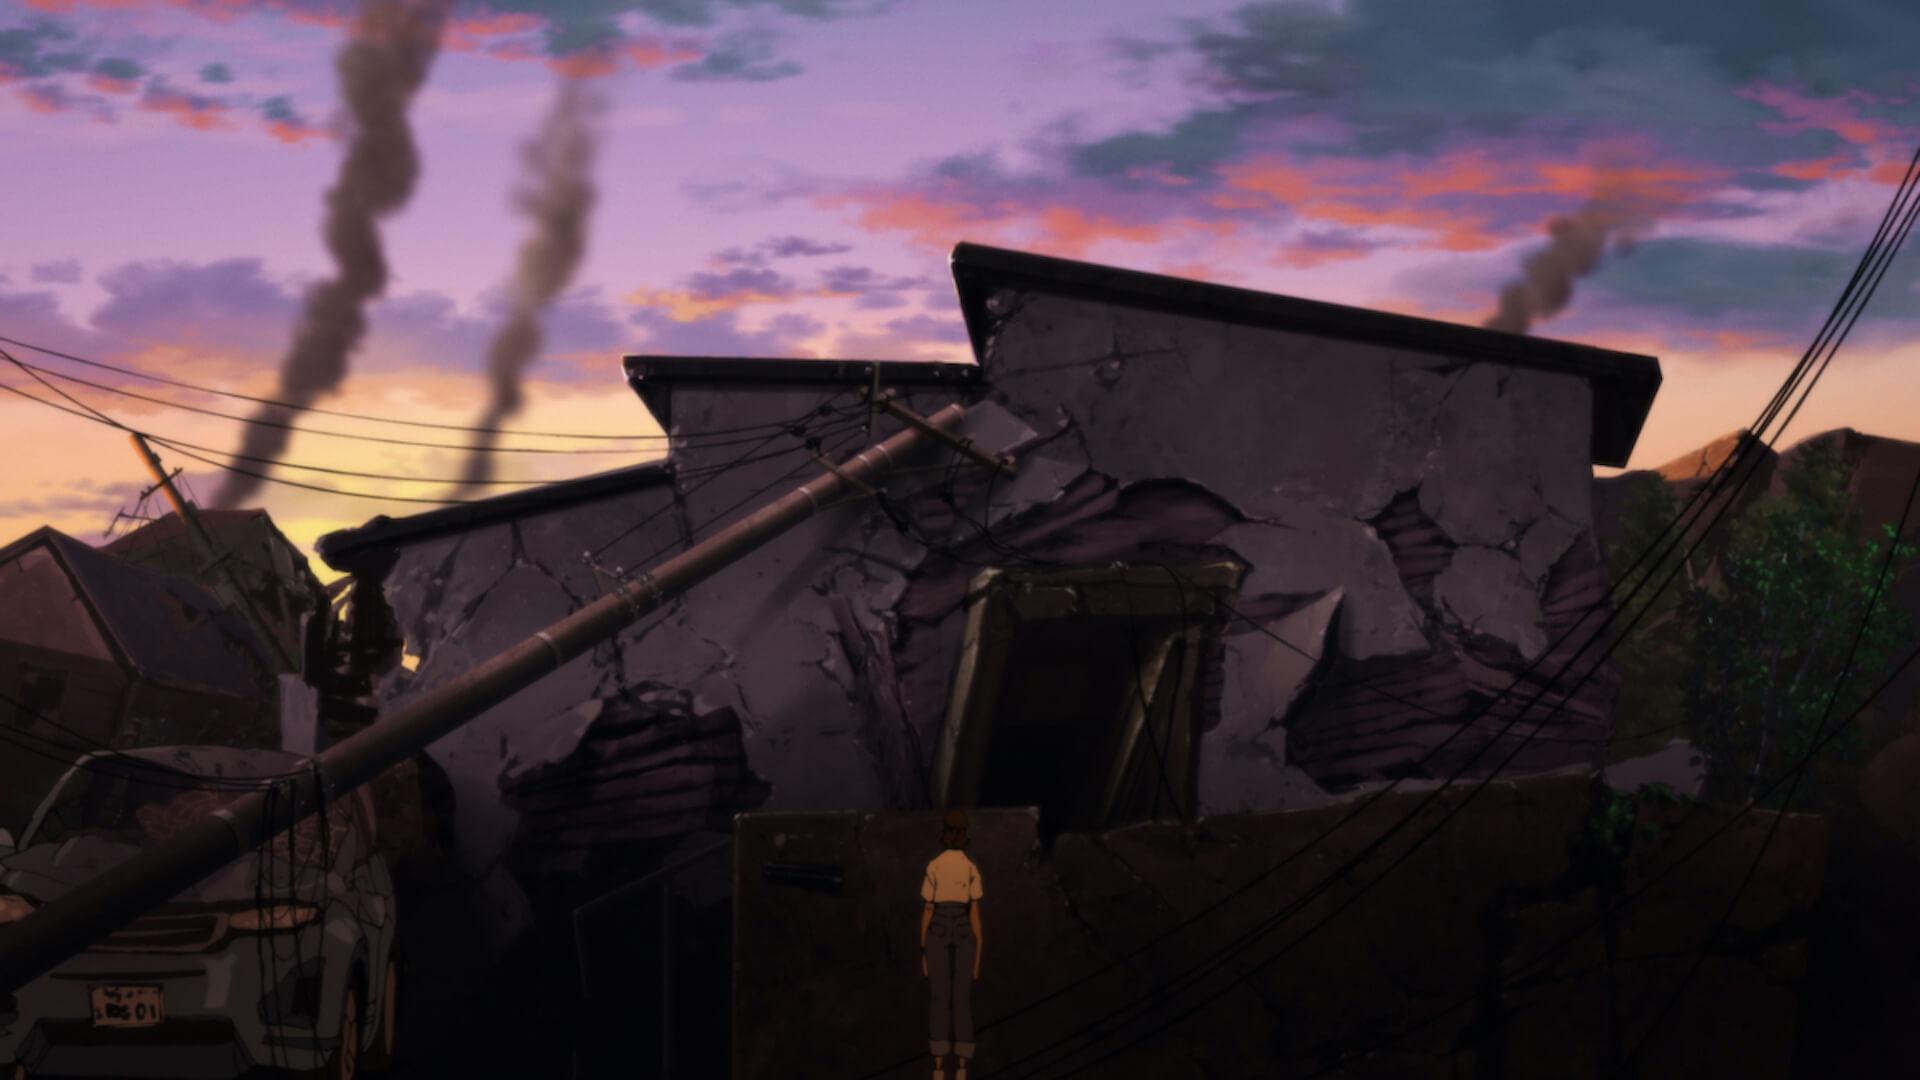 日本が沈没したのちの運命とは?Netflix『日本沈没2020』の本予告&豪華声優陣が解禁 film200529_nihonchimbotsu_15